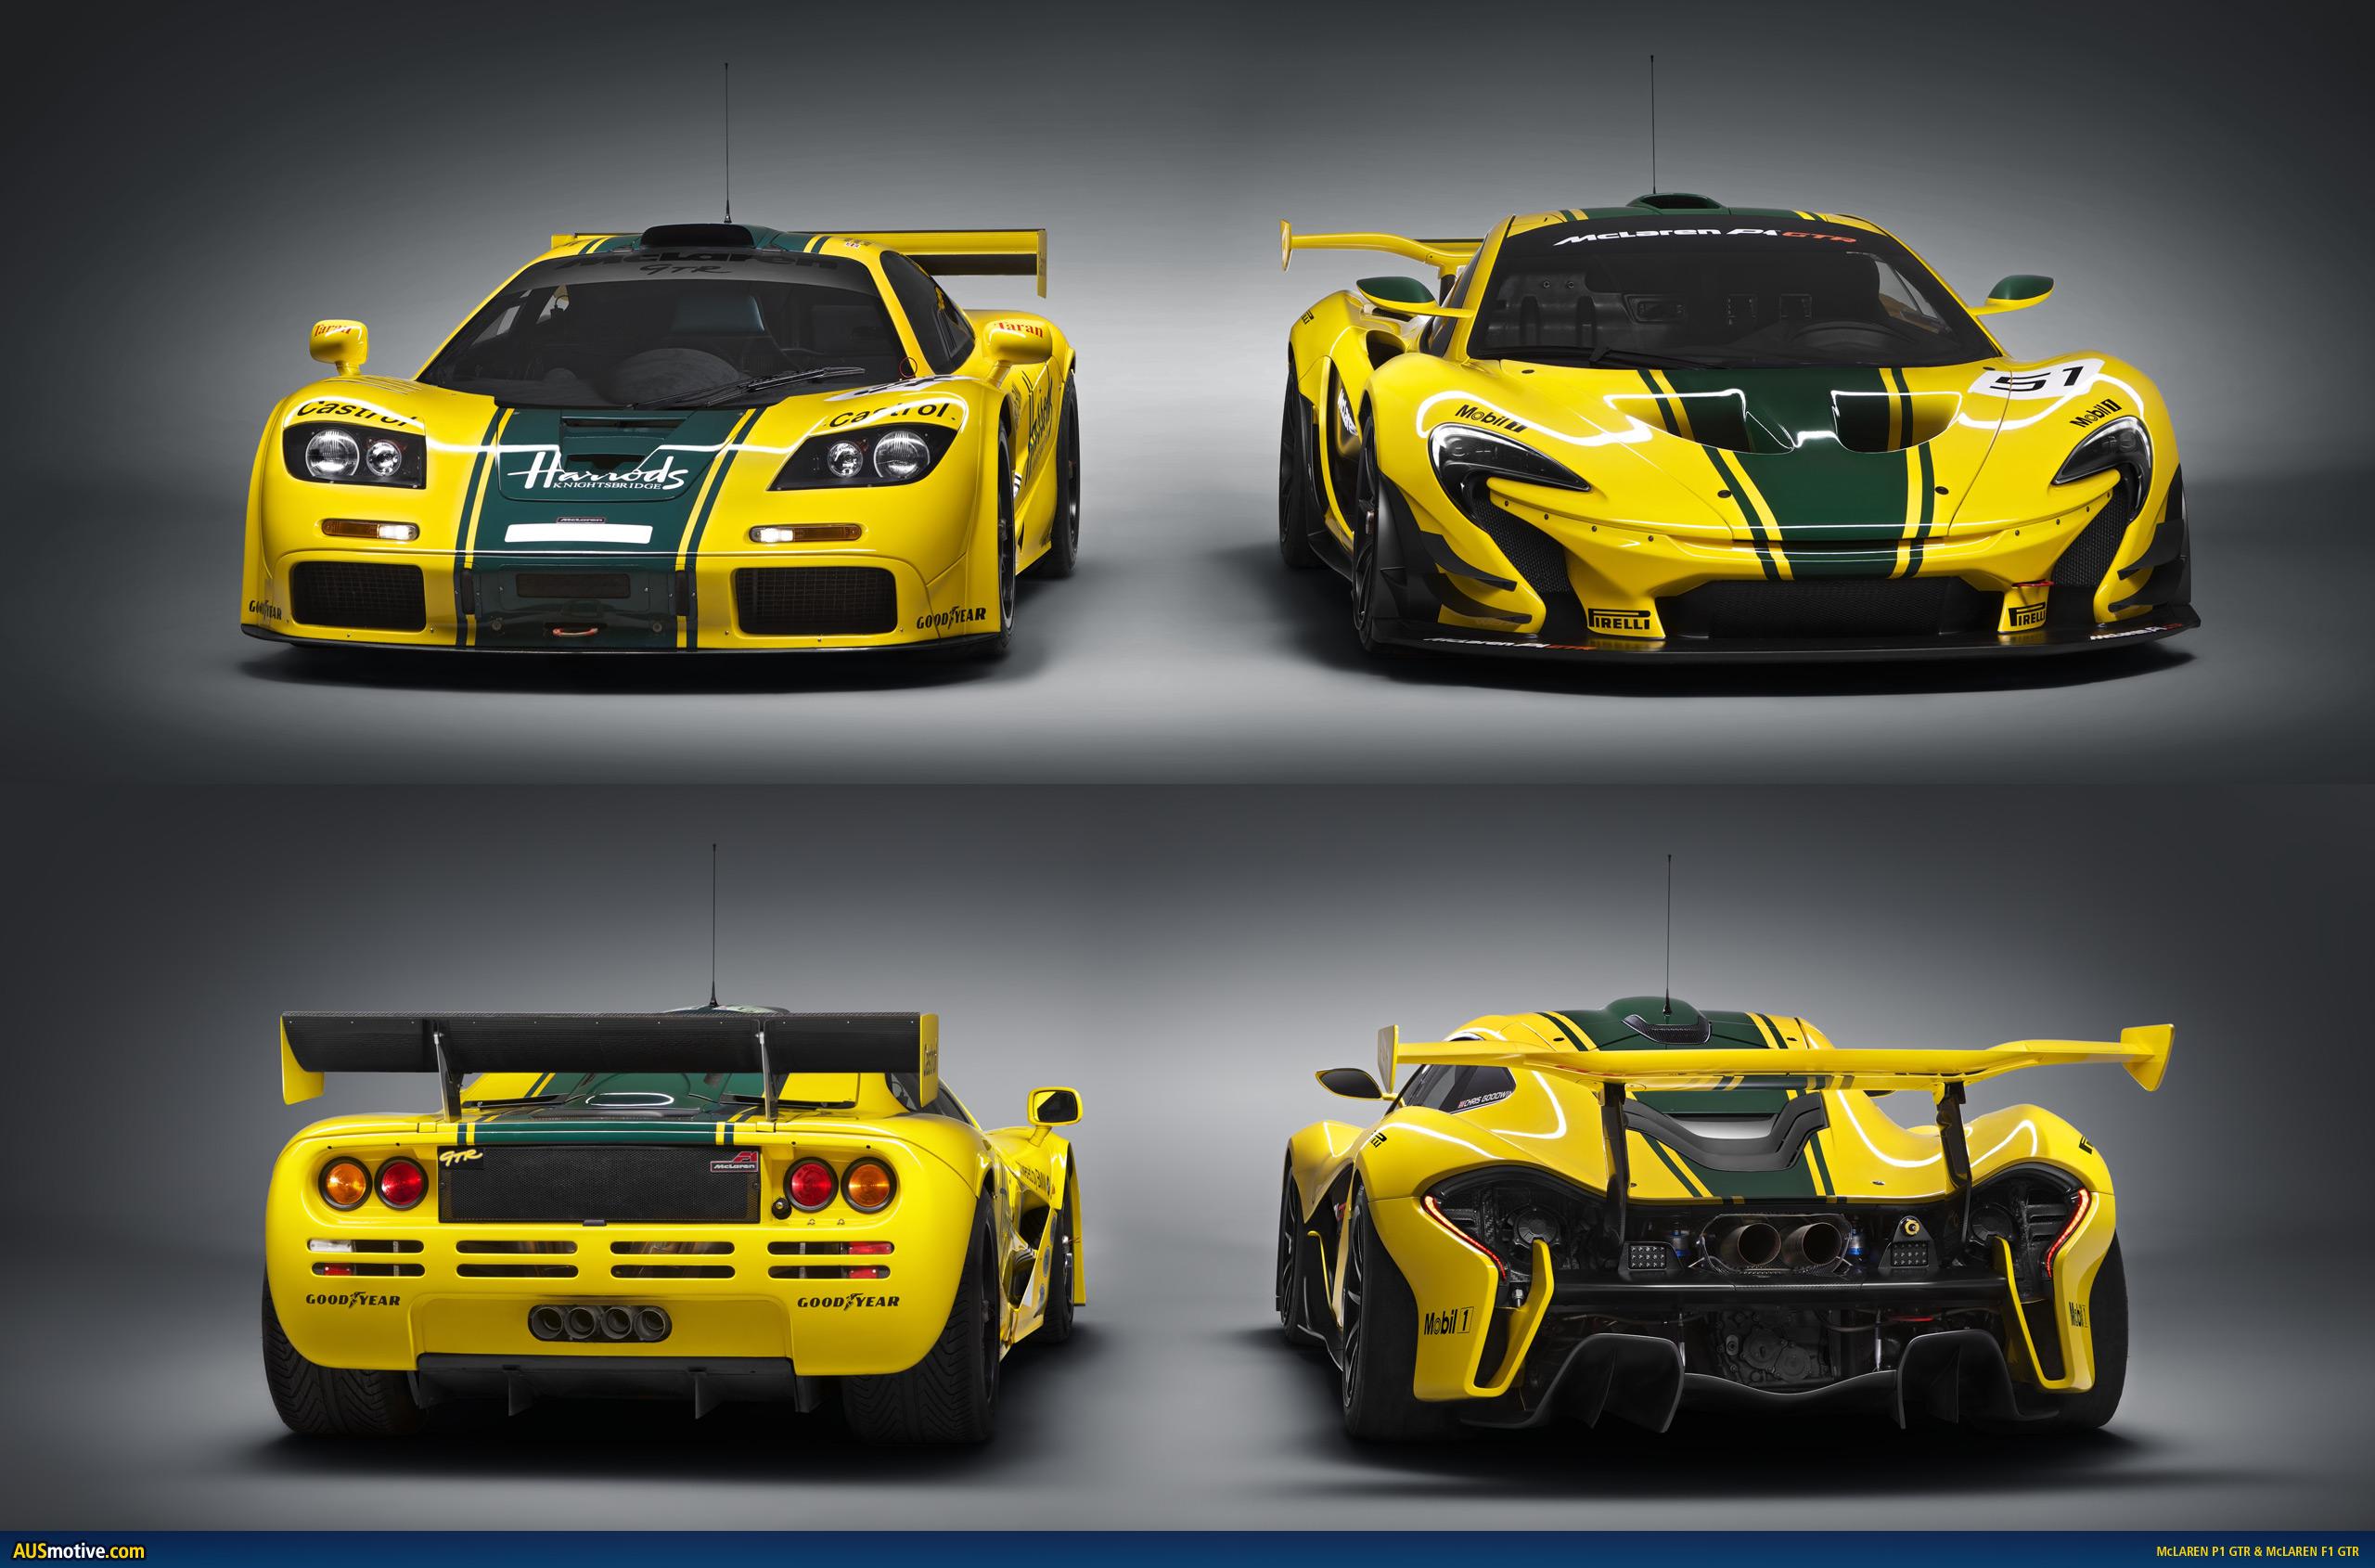 AUSmotive.com » McLaren P1 GTR revealed